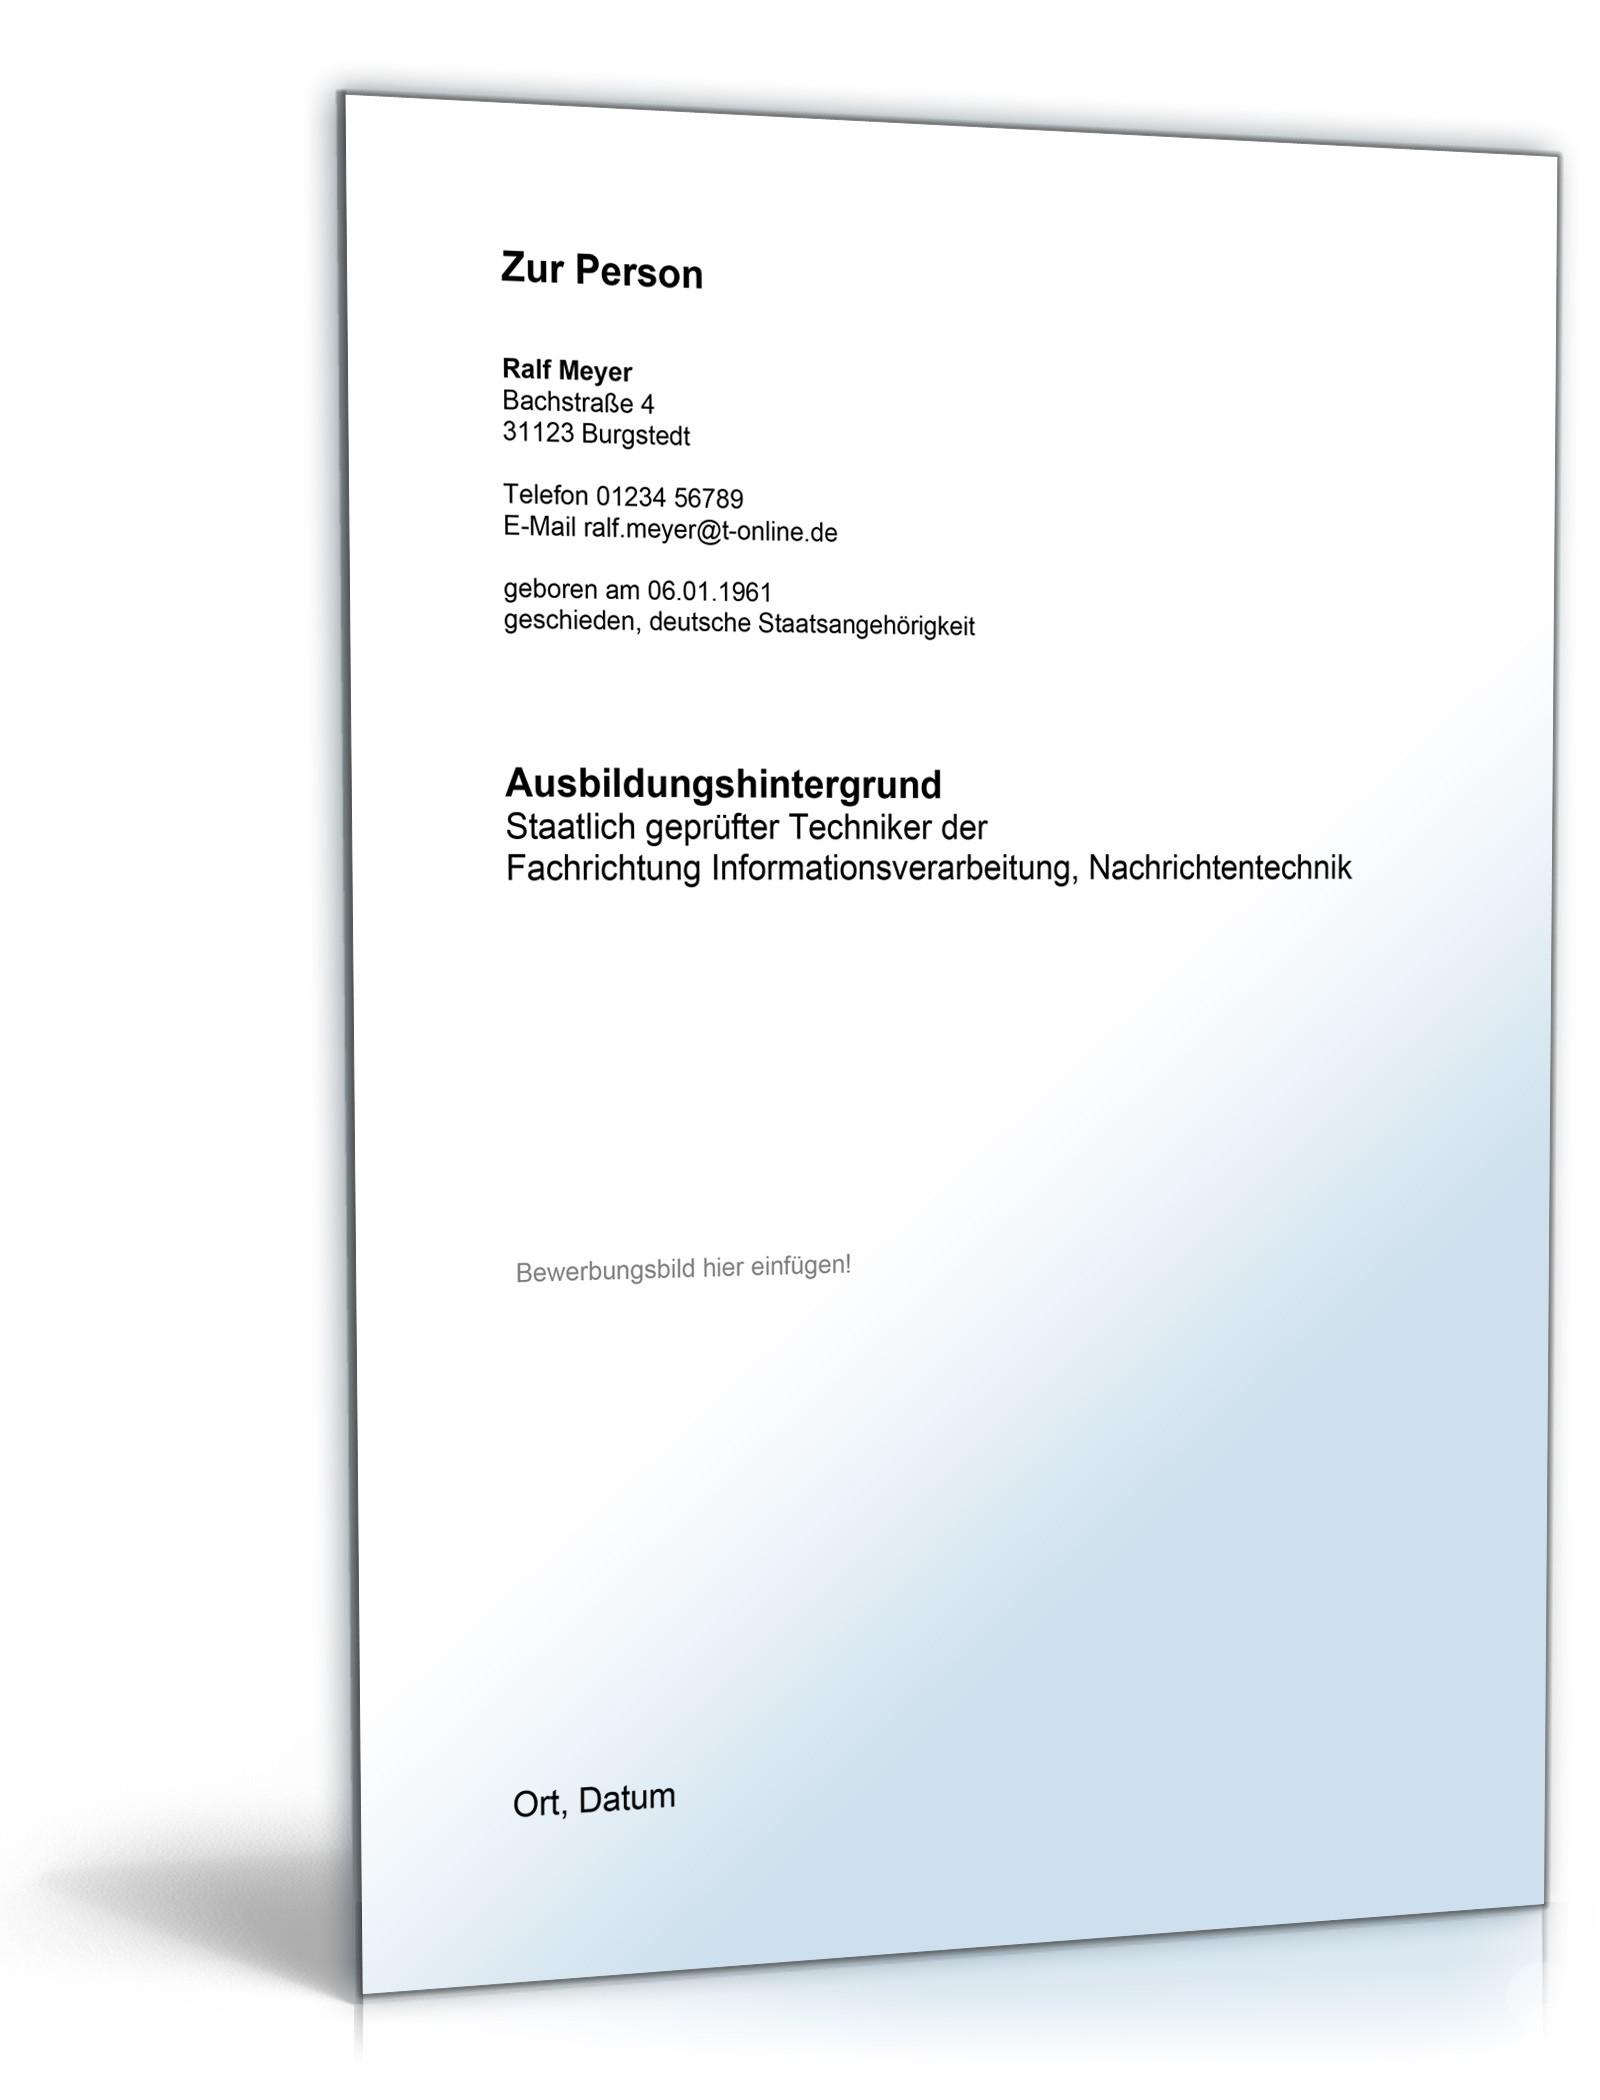 Groß Nachrichtentechnik Lebenslauf Ideen - Bilder für das Lebenslauf ...